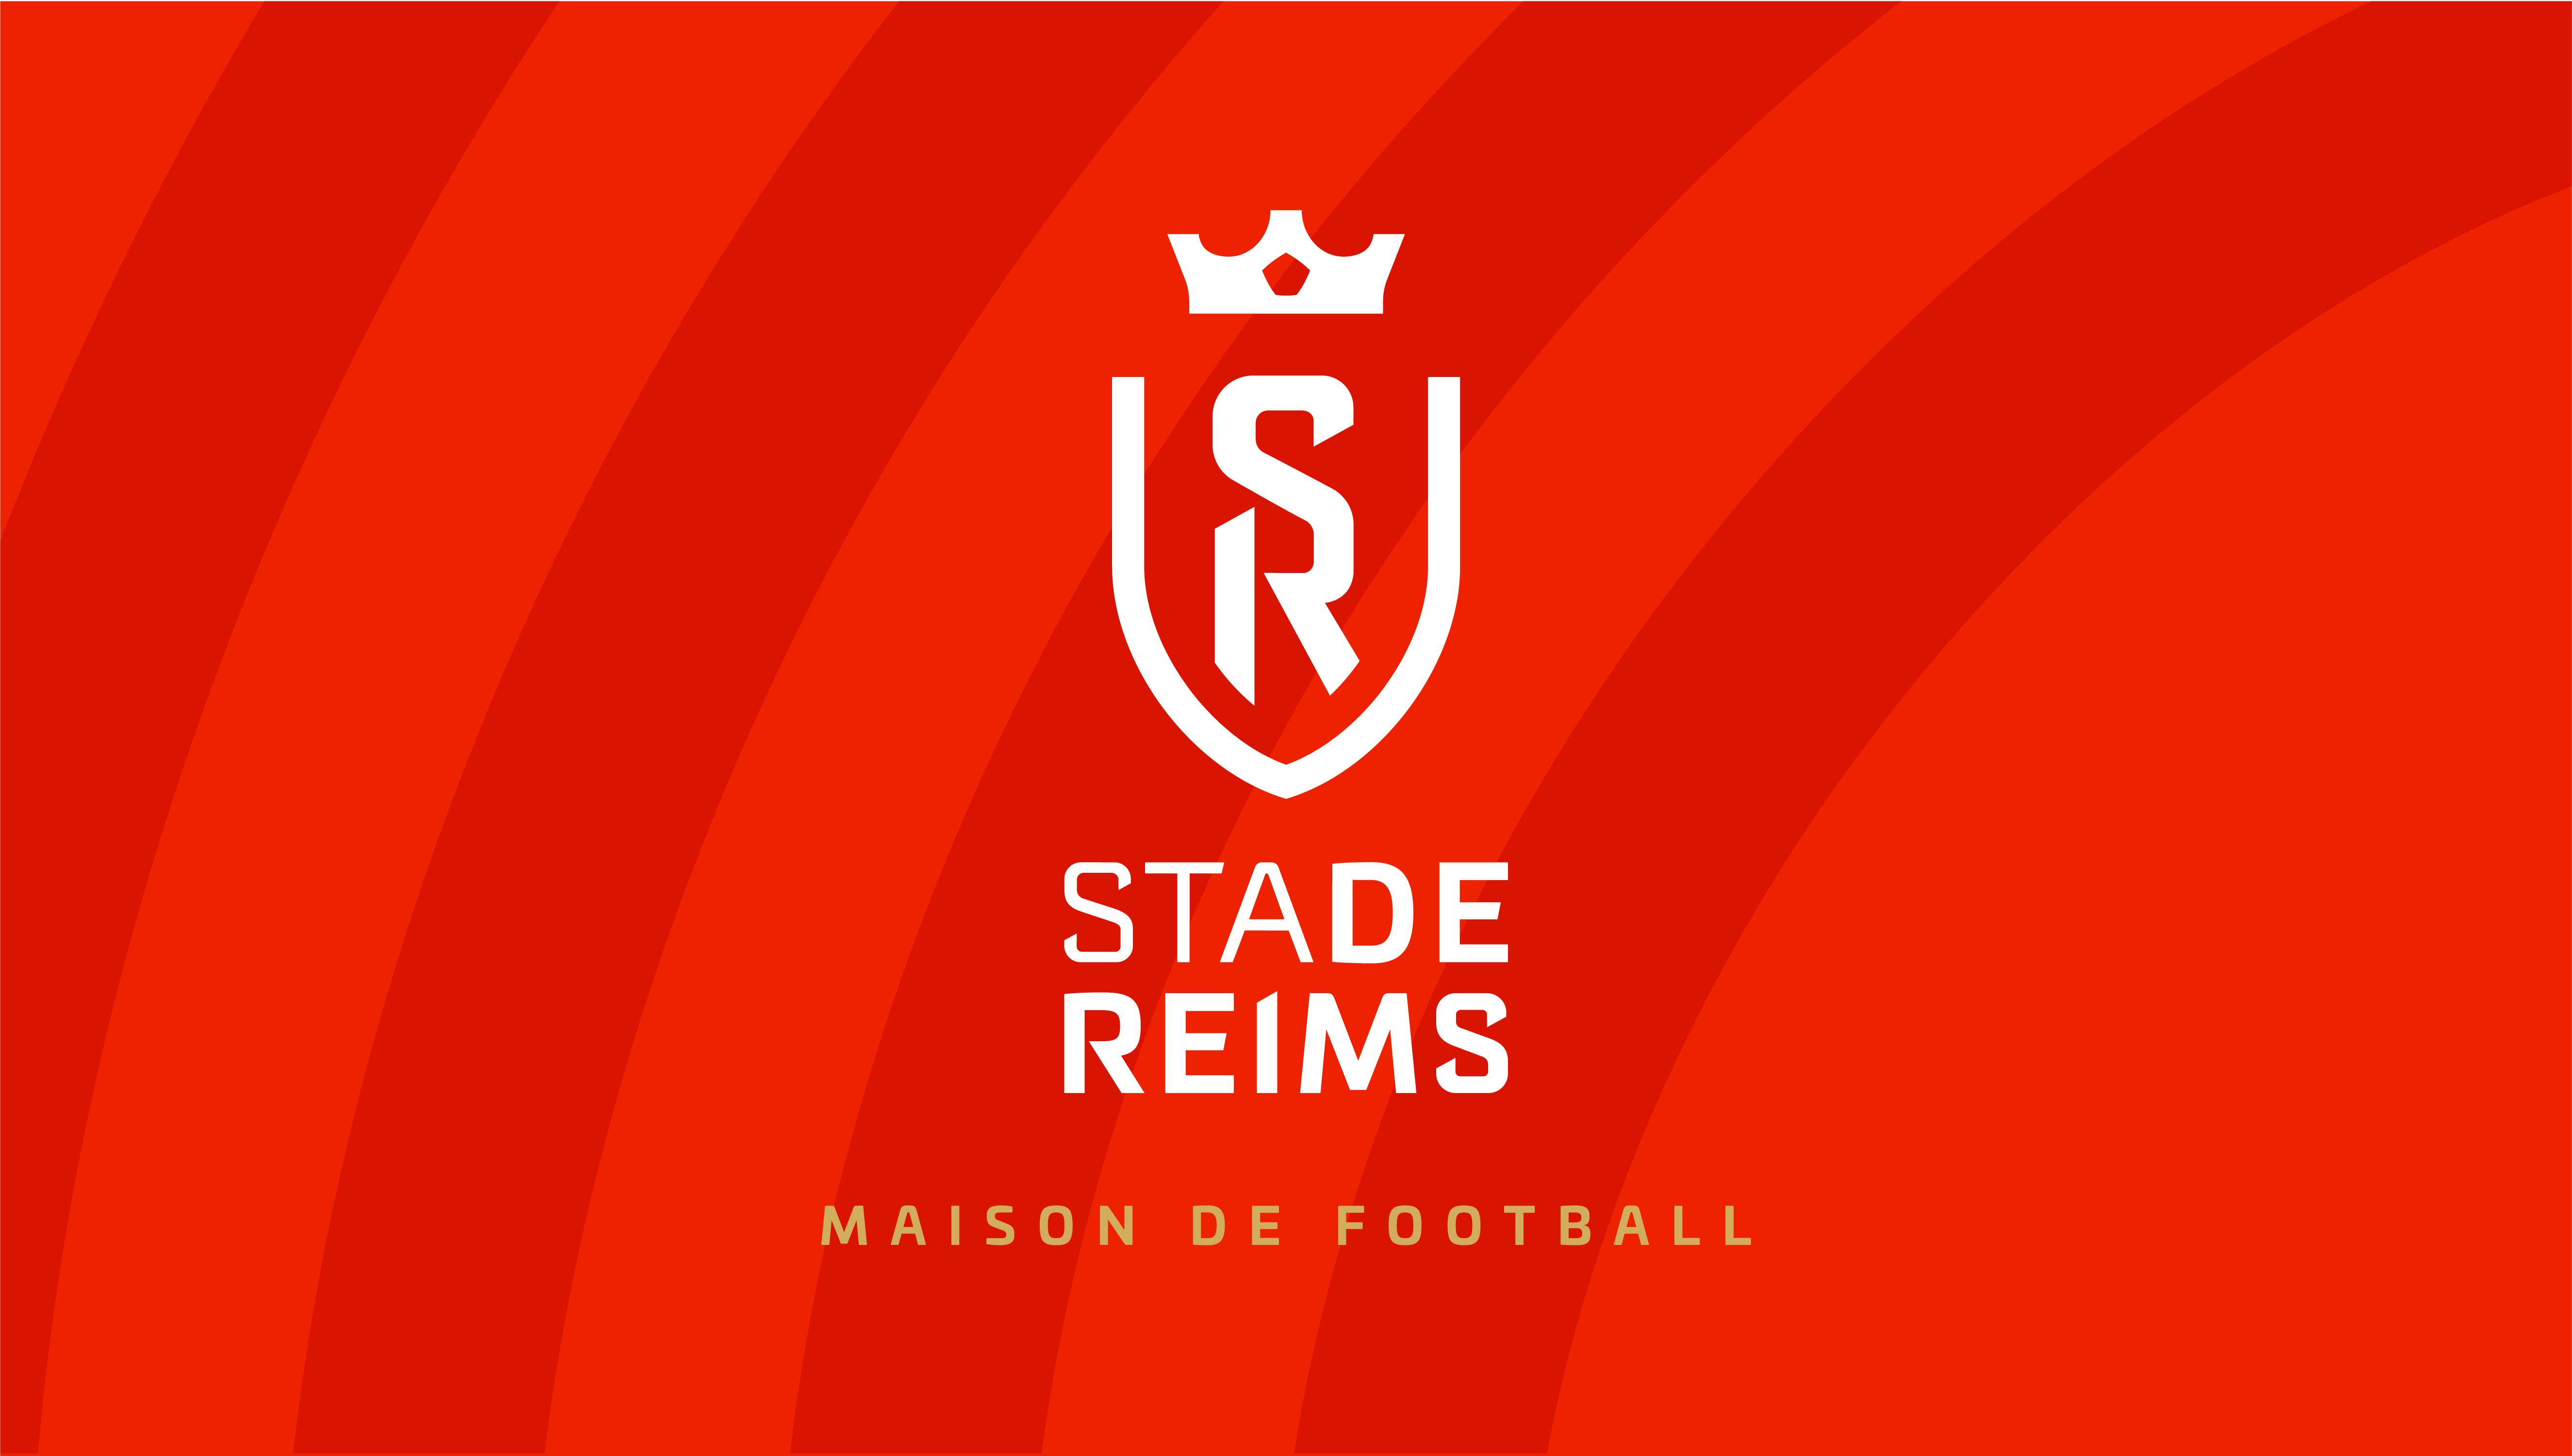 actualite_news_corps_visuel_club_stade_de_reims_identite_visuelle_territoire_de_marque_signature_maison_de_football_leroy_tremblot